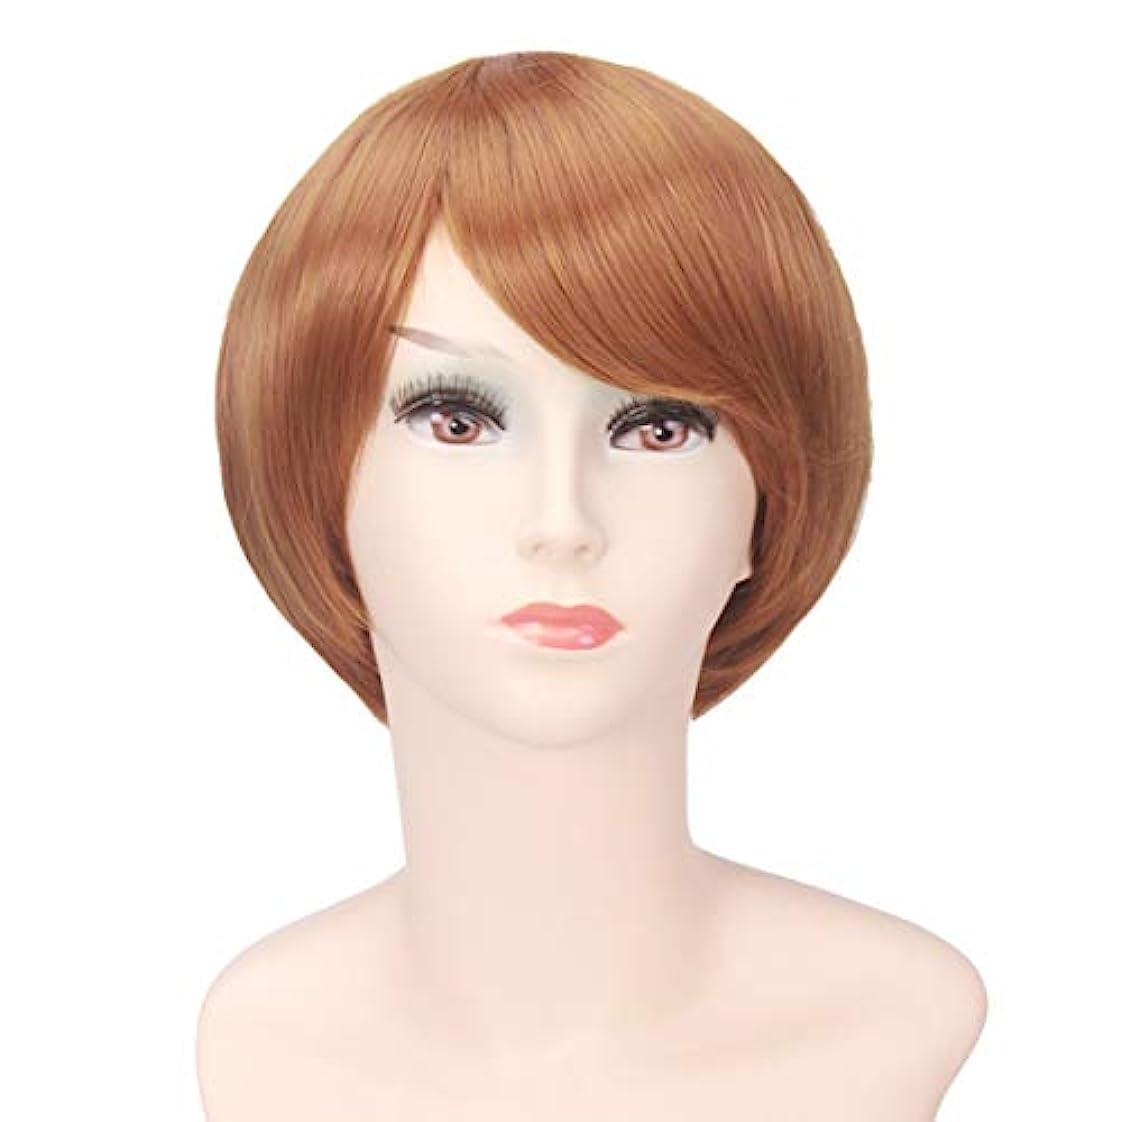 電話をかける重くする前兆YOUQIU 女性のかつらのためにボブ?ヘッド茶ショートストレート髪高温シルクウィッグ (色 : Photo Color)